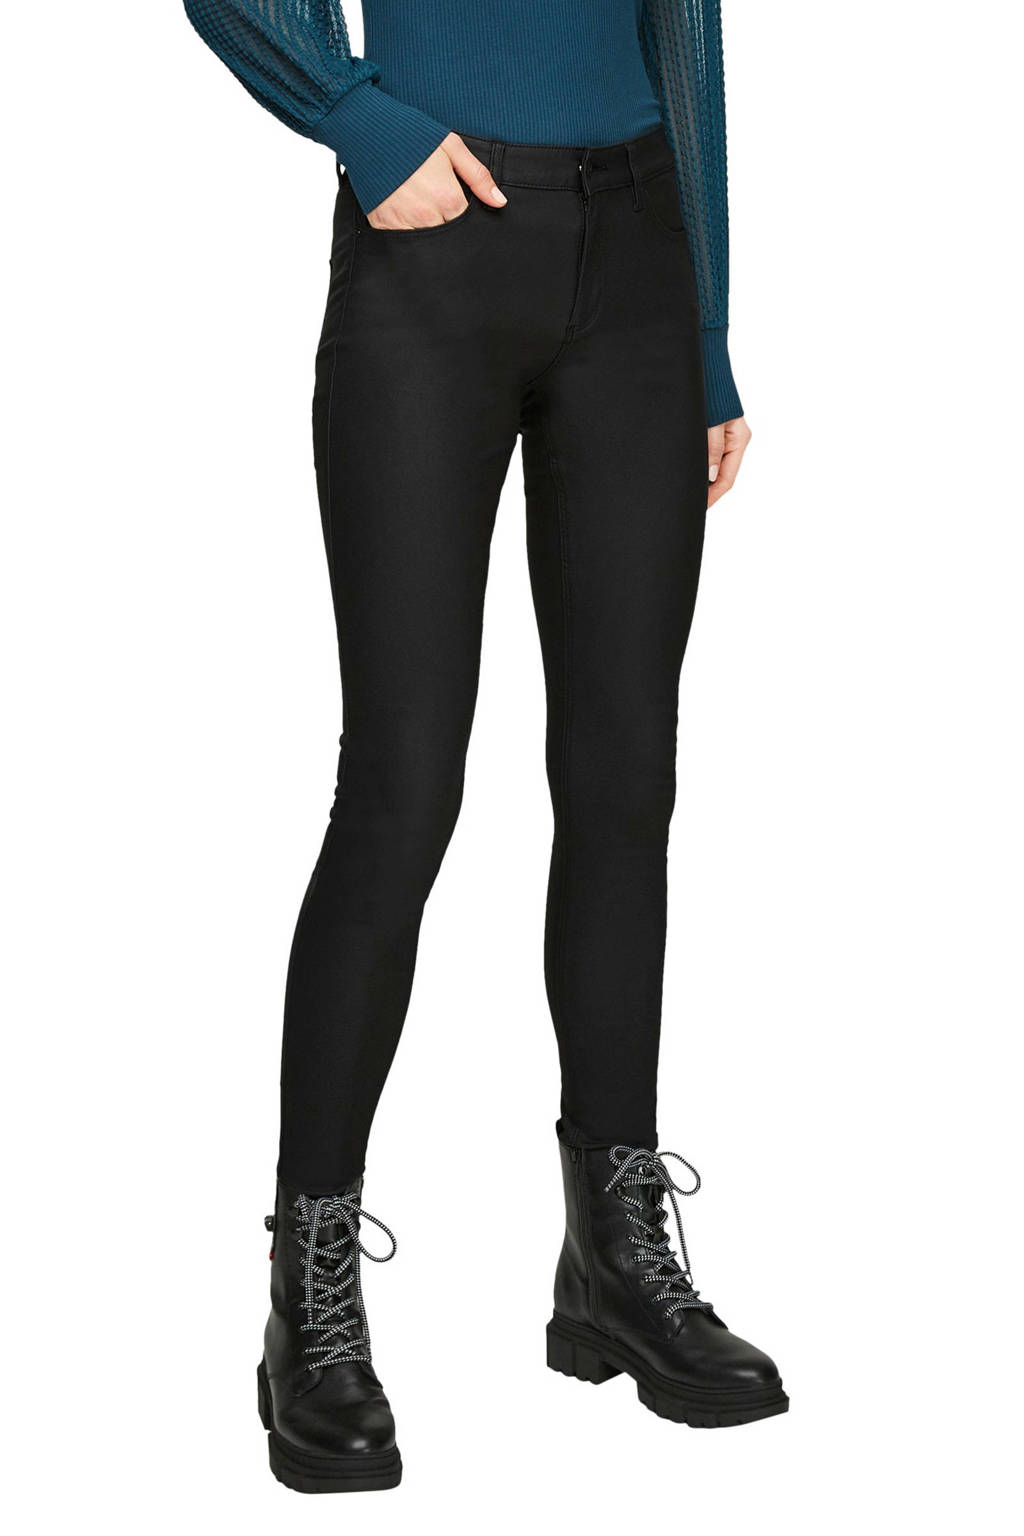 Q/S designed by coated skinny broek zwart, Zwart